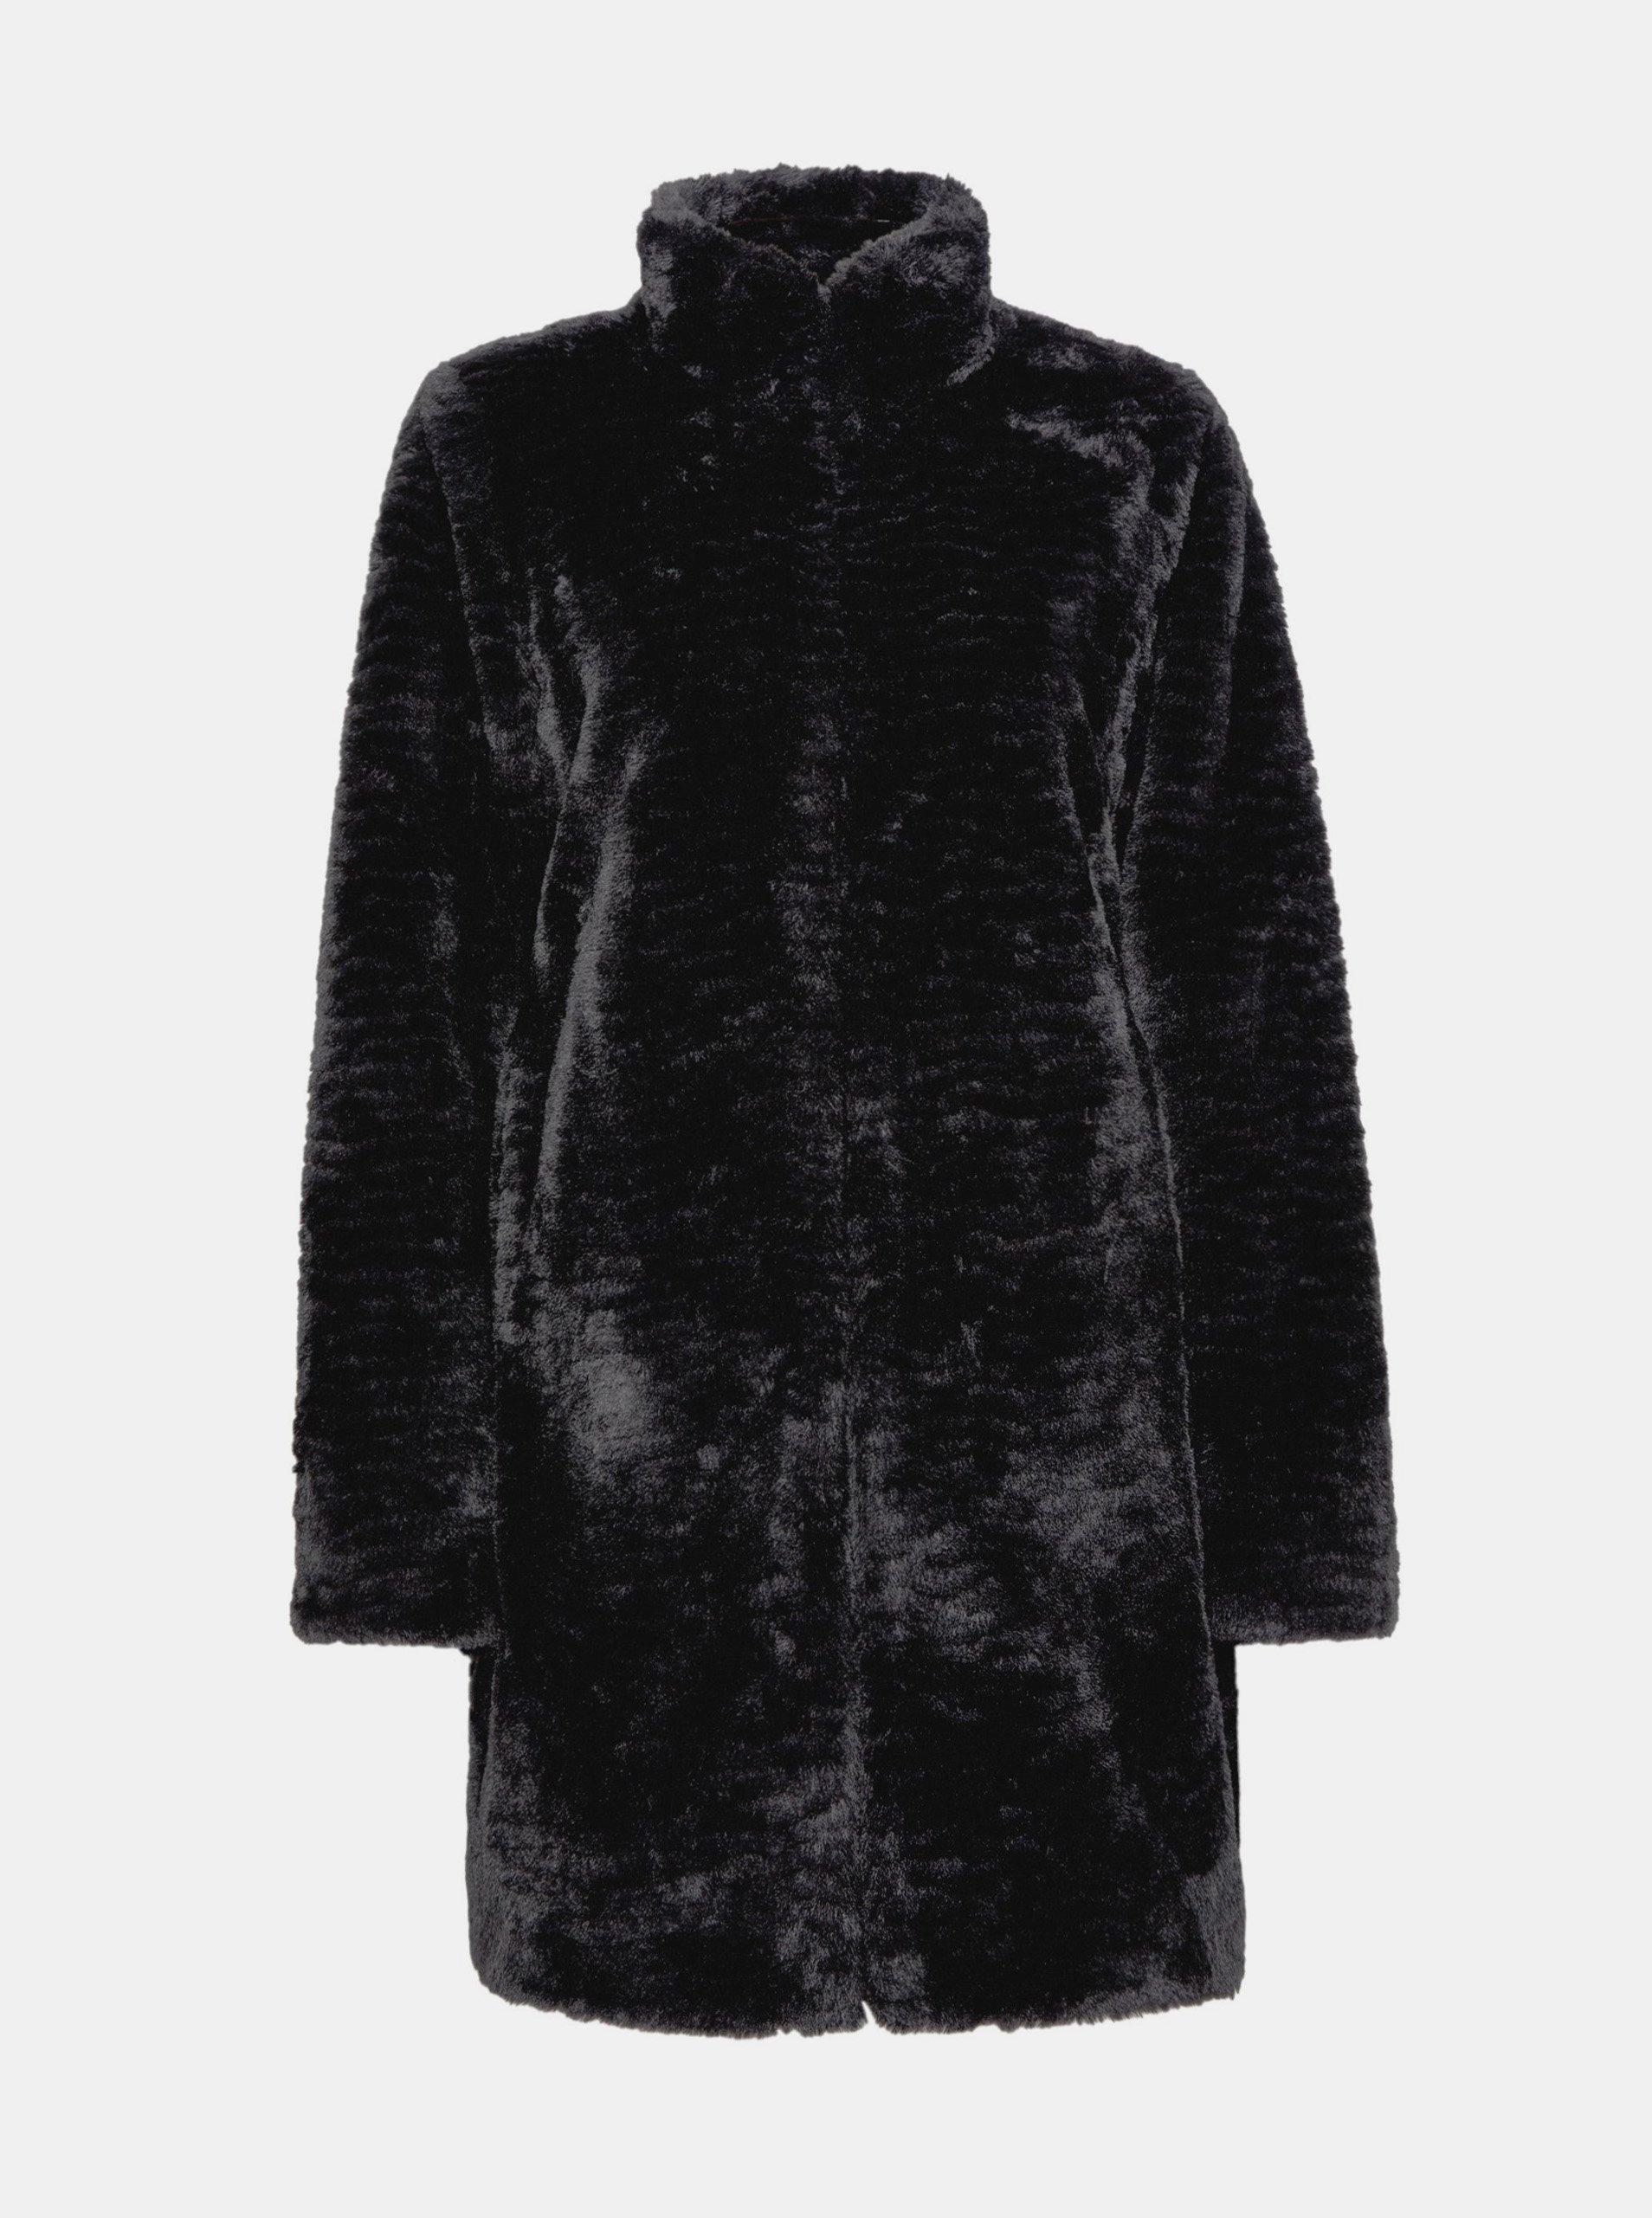 Čierny kabát z umelého kožúšku Dorothy Perkins.